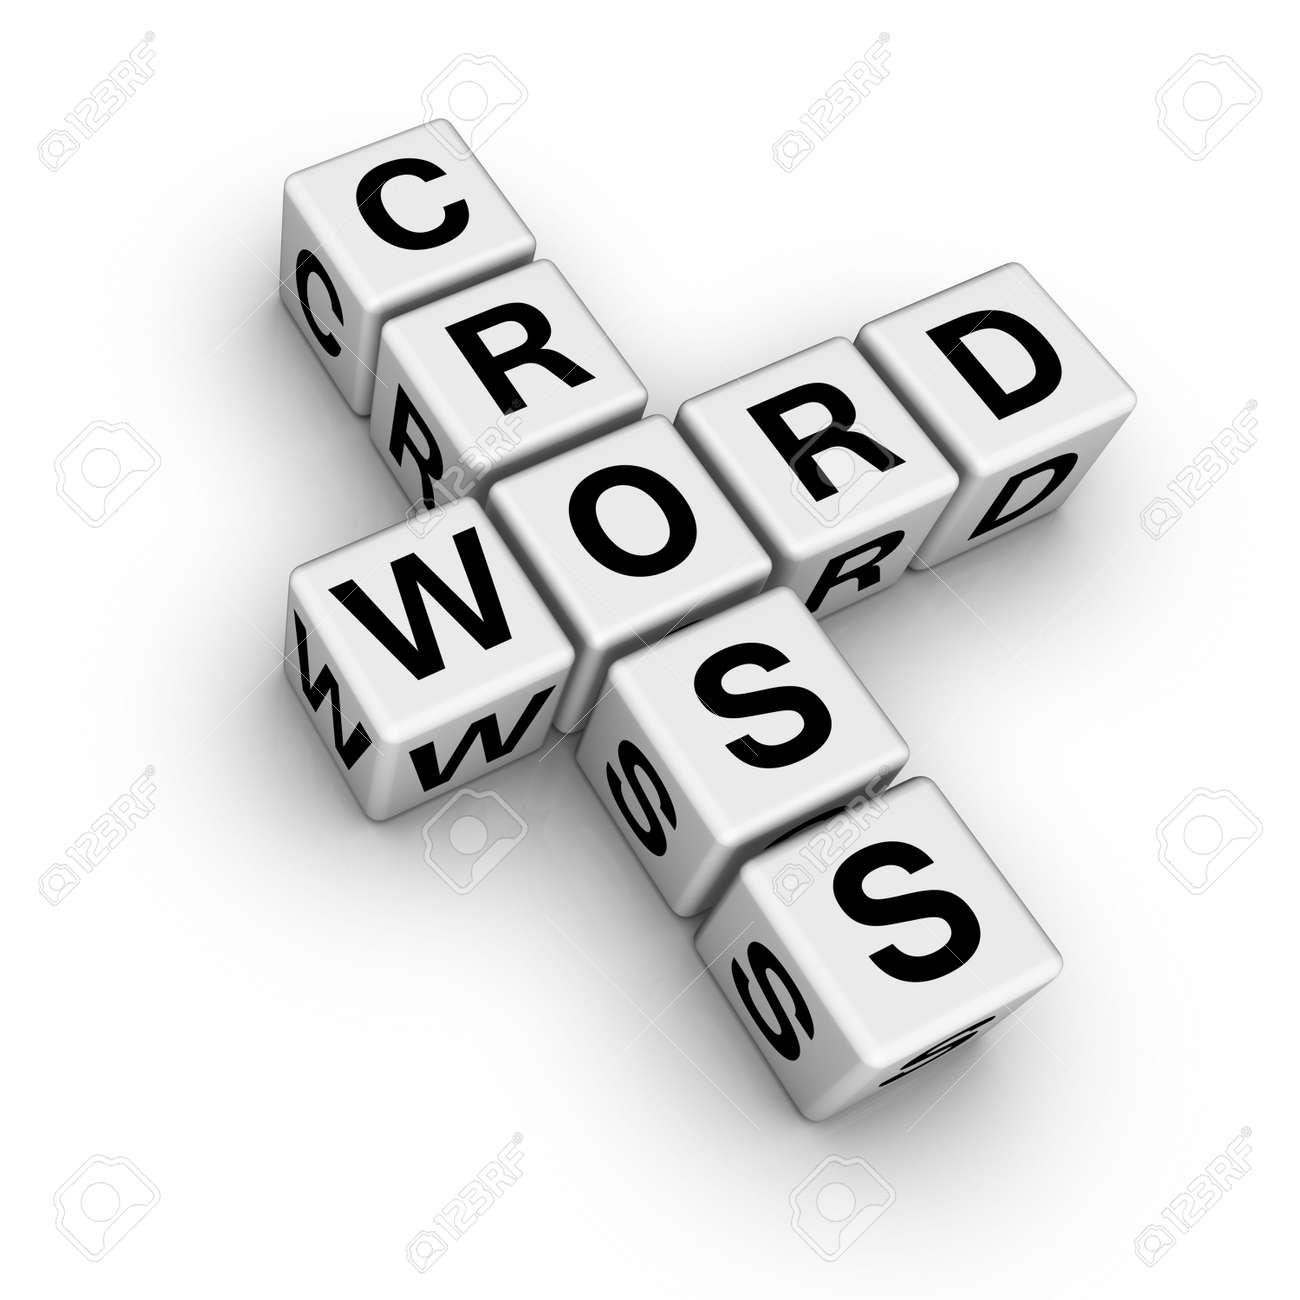 Hasil gambar untuk crossword puzzle sign